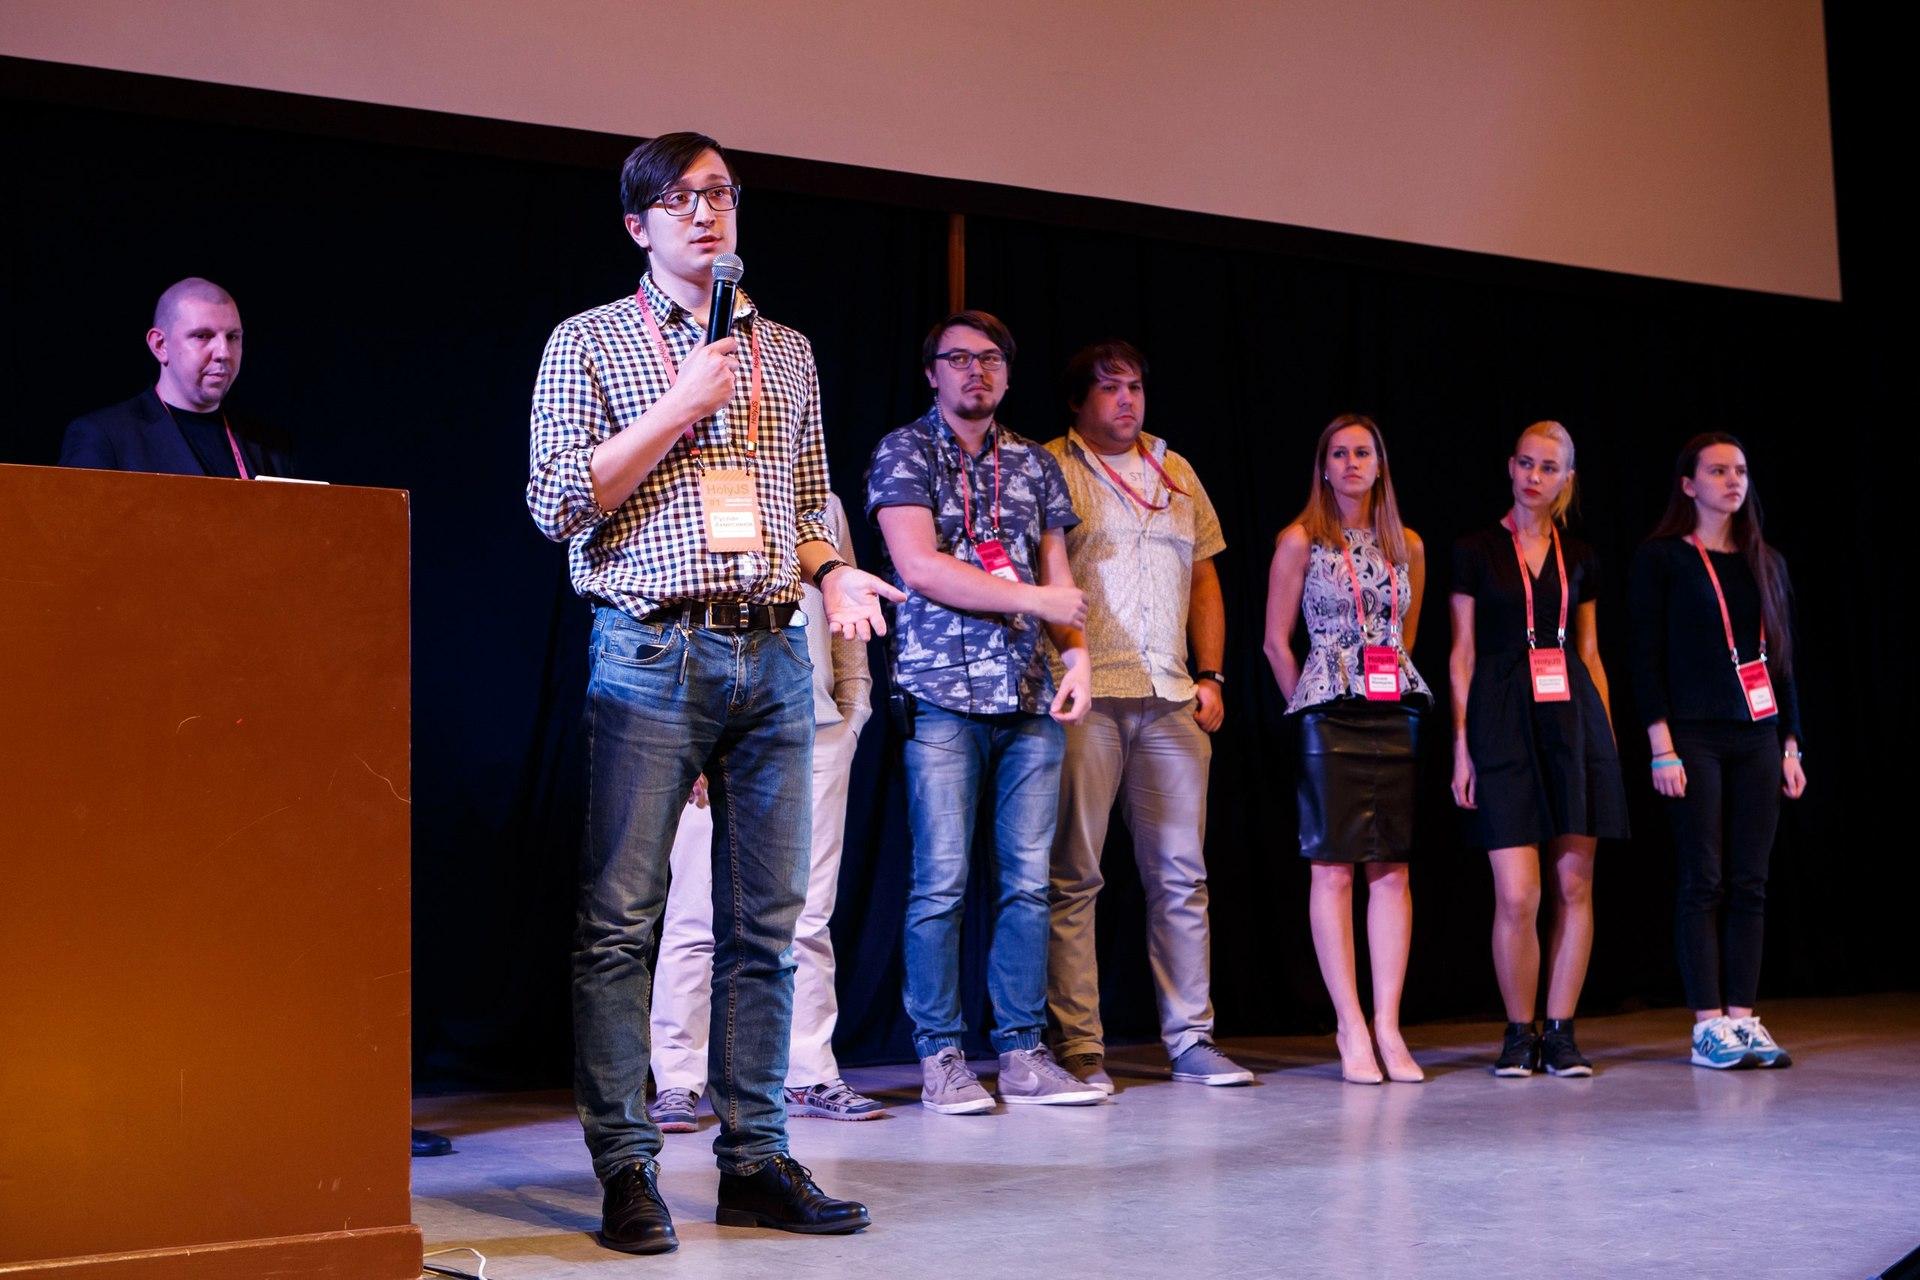 Внутренняя кухня JUG.ru Group: как делается конференция на 1000 программистов - 1